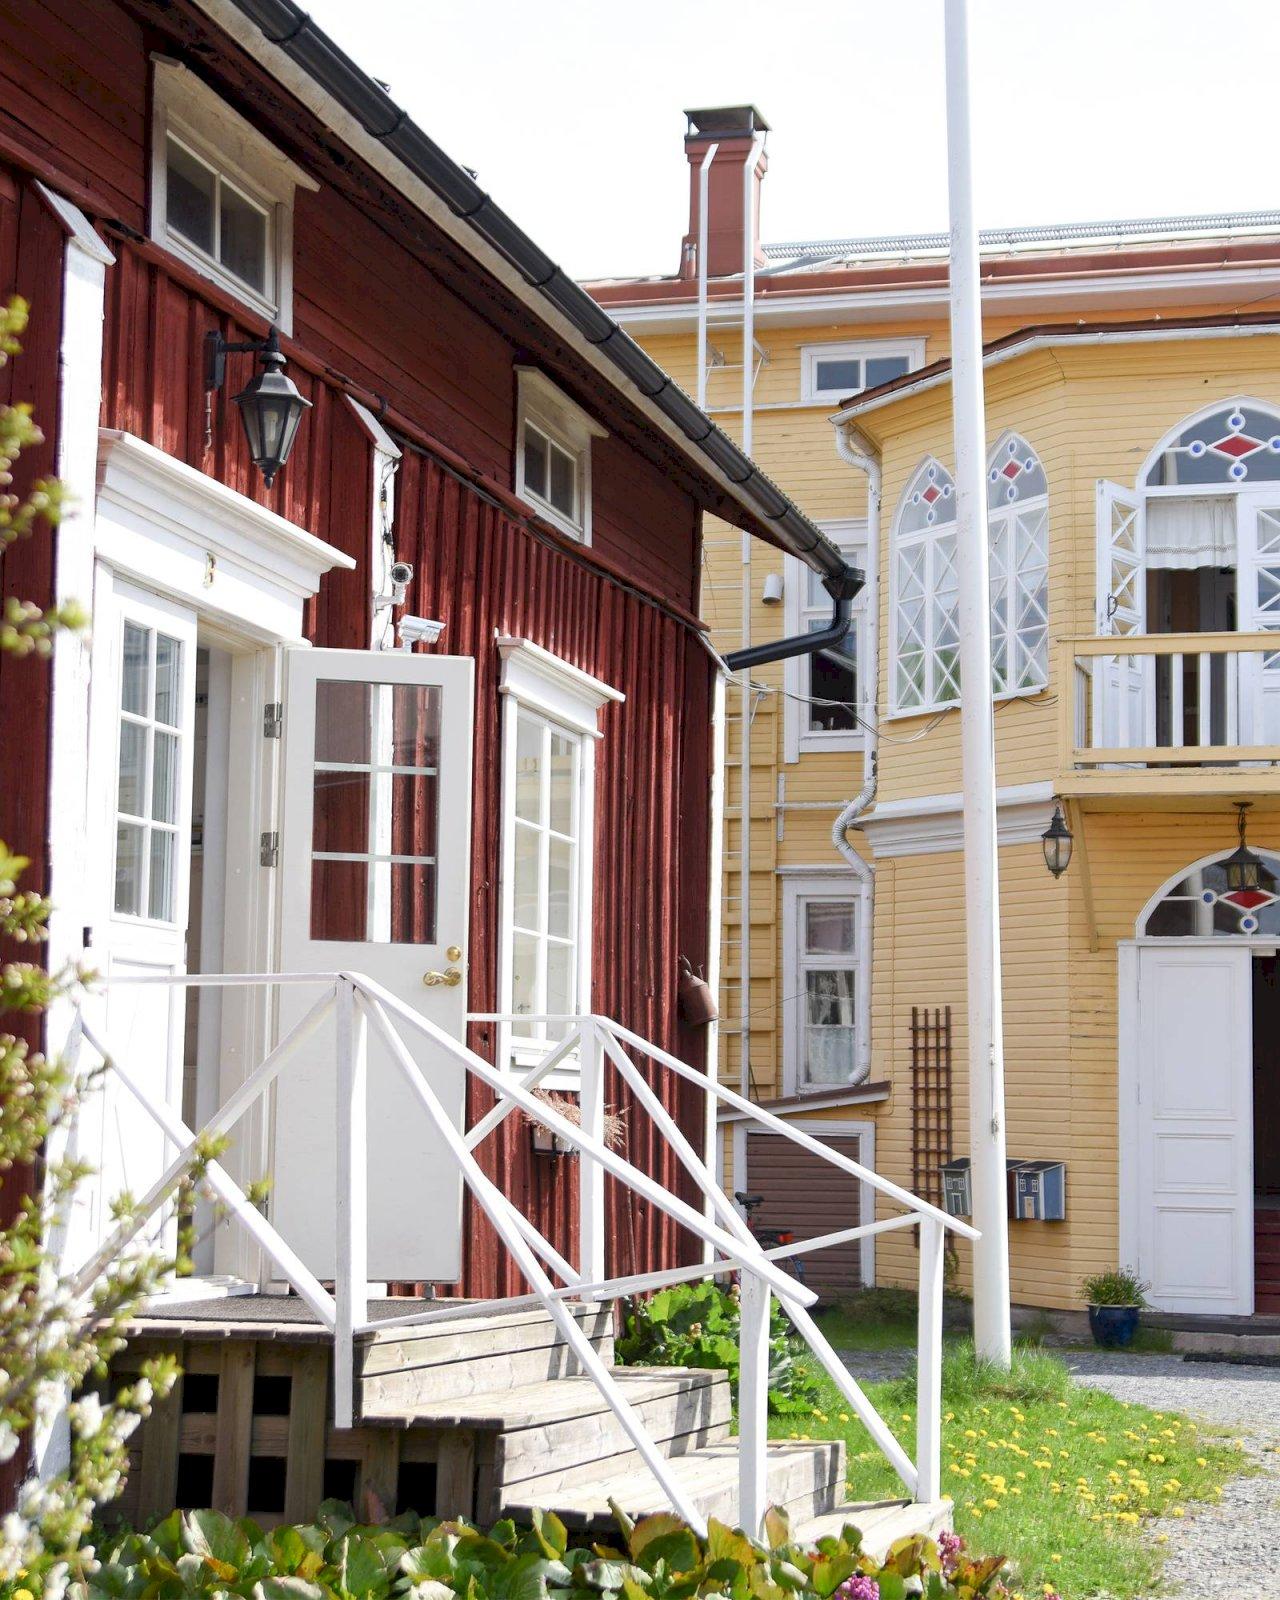 Hotelli Krepelinin pihapiirin värikkäät puutalot.